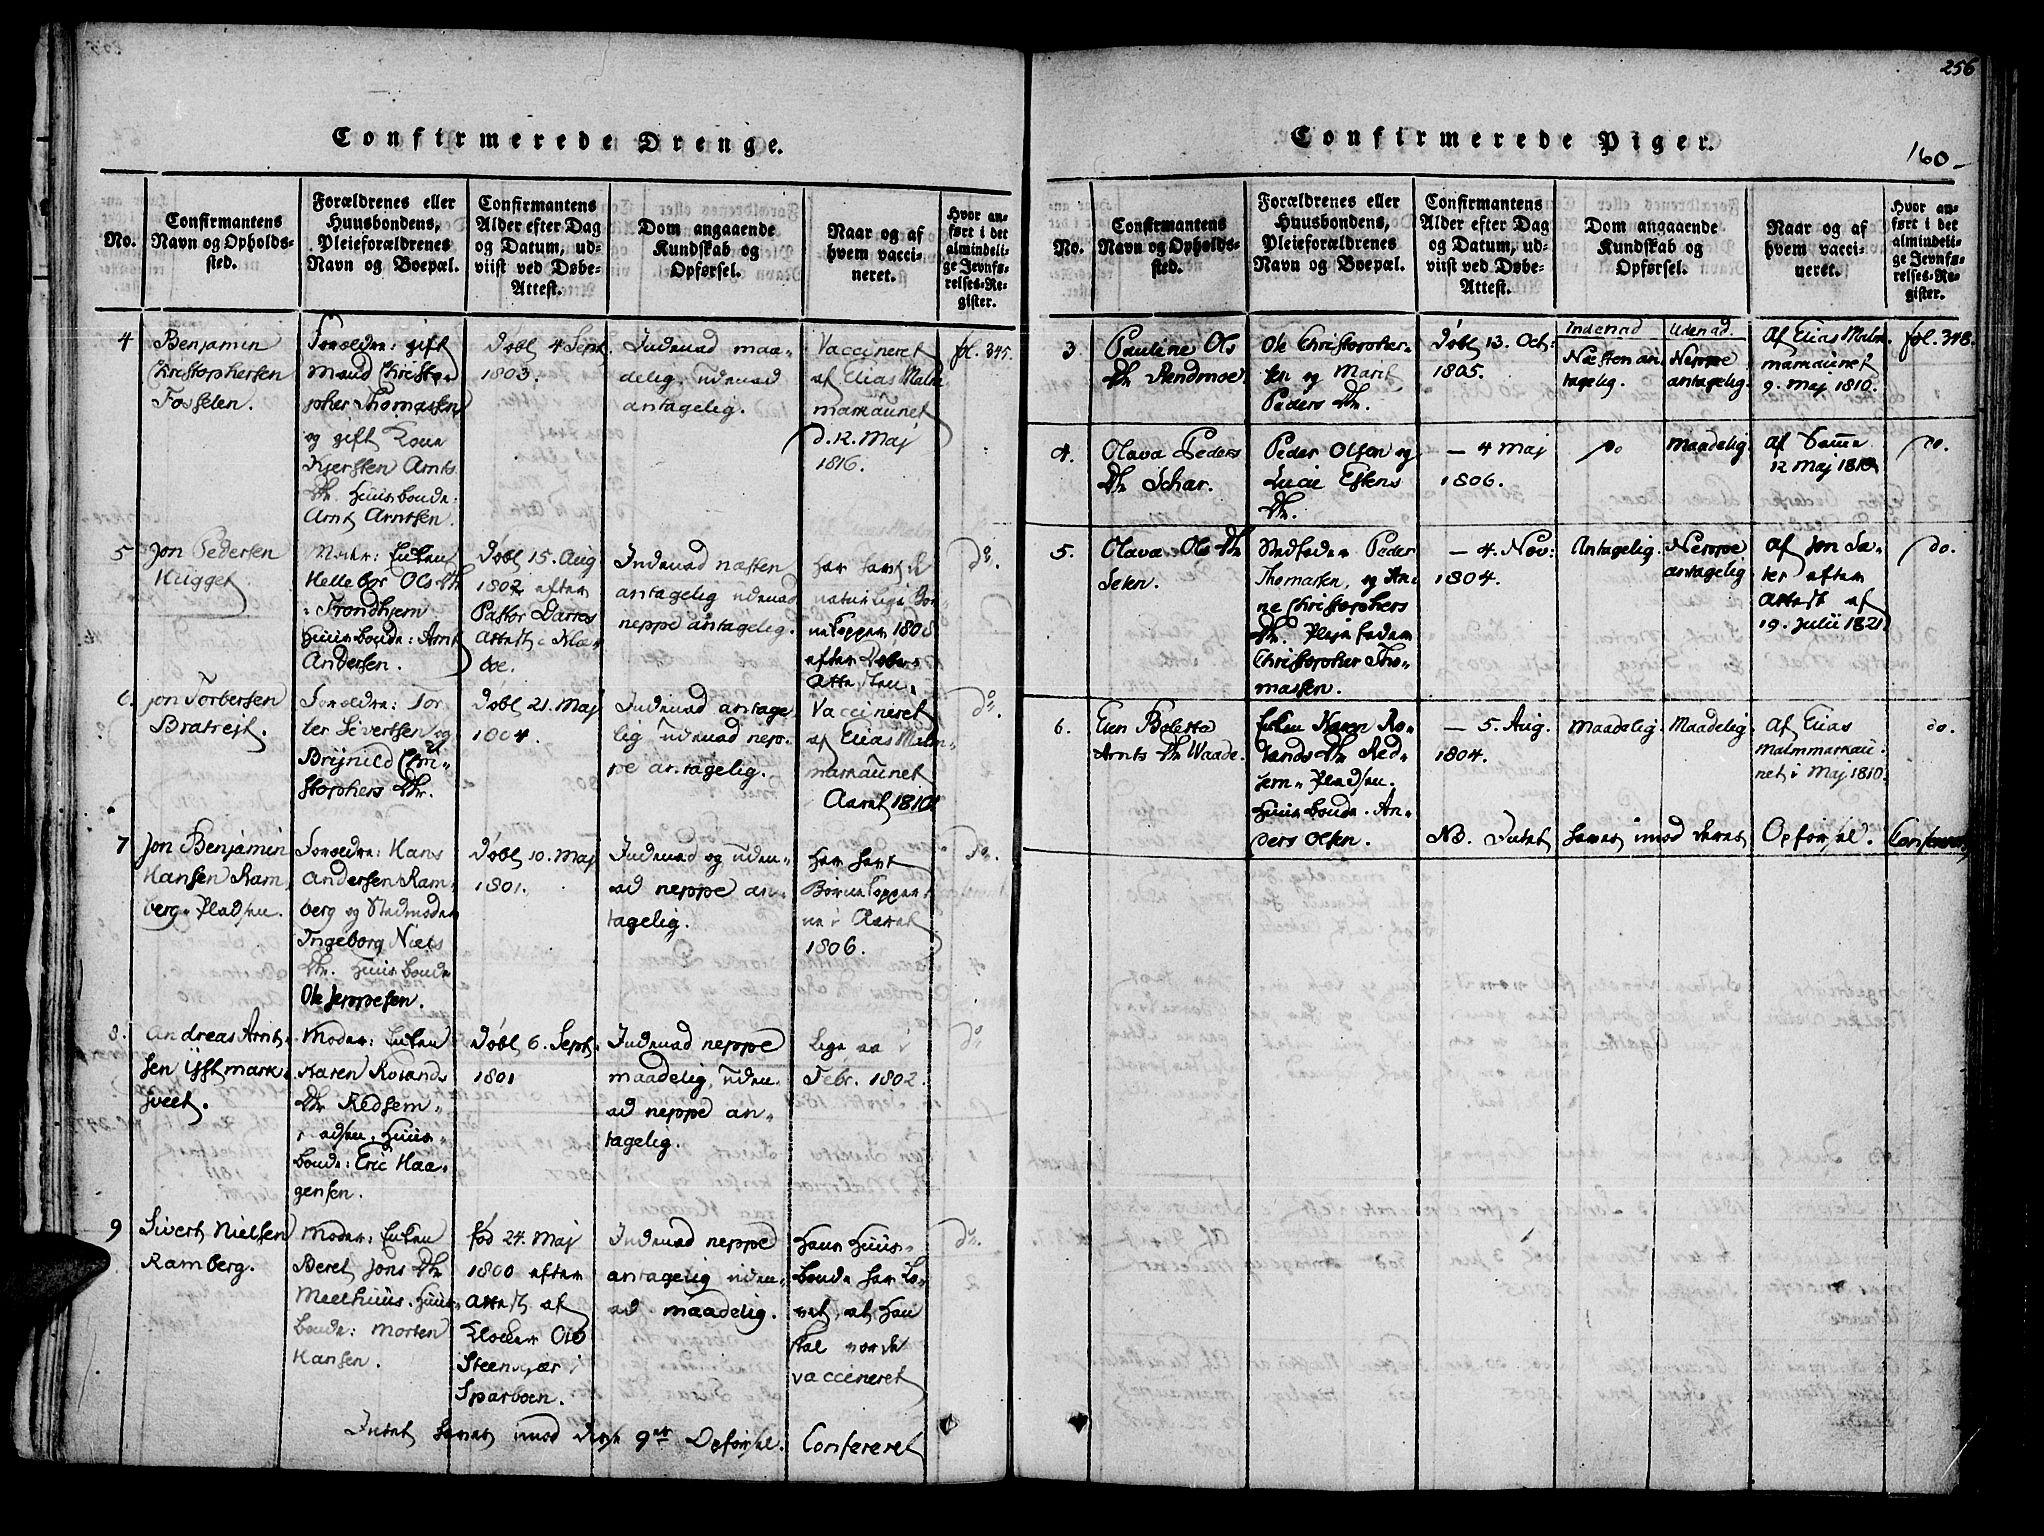 SAT, Ministerialprotokoller, klokkerbøker og fødselsregistre - Nord-Trøndelag, 741/L0387: Ministerialbok nr. 741A03 /2, 1817-1822, s. 160